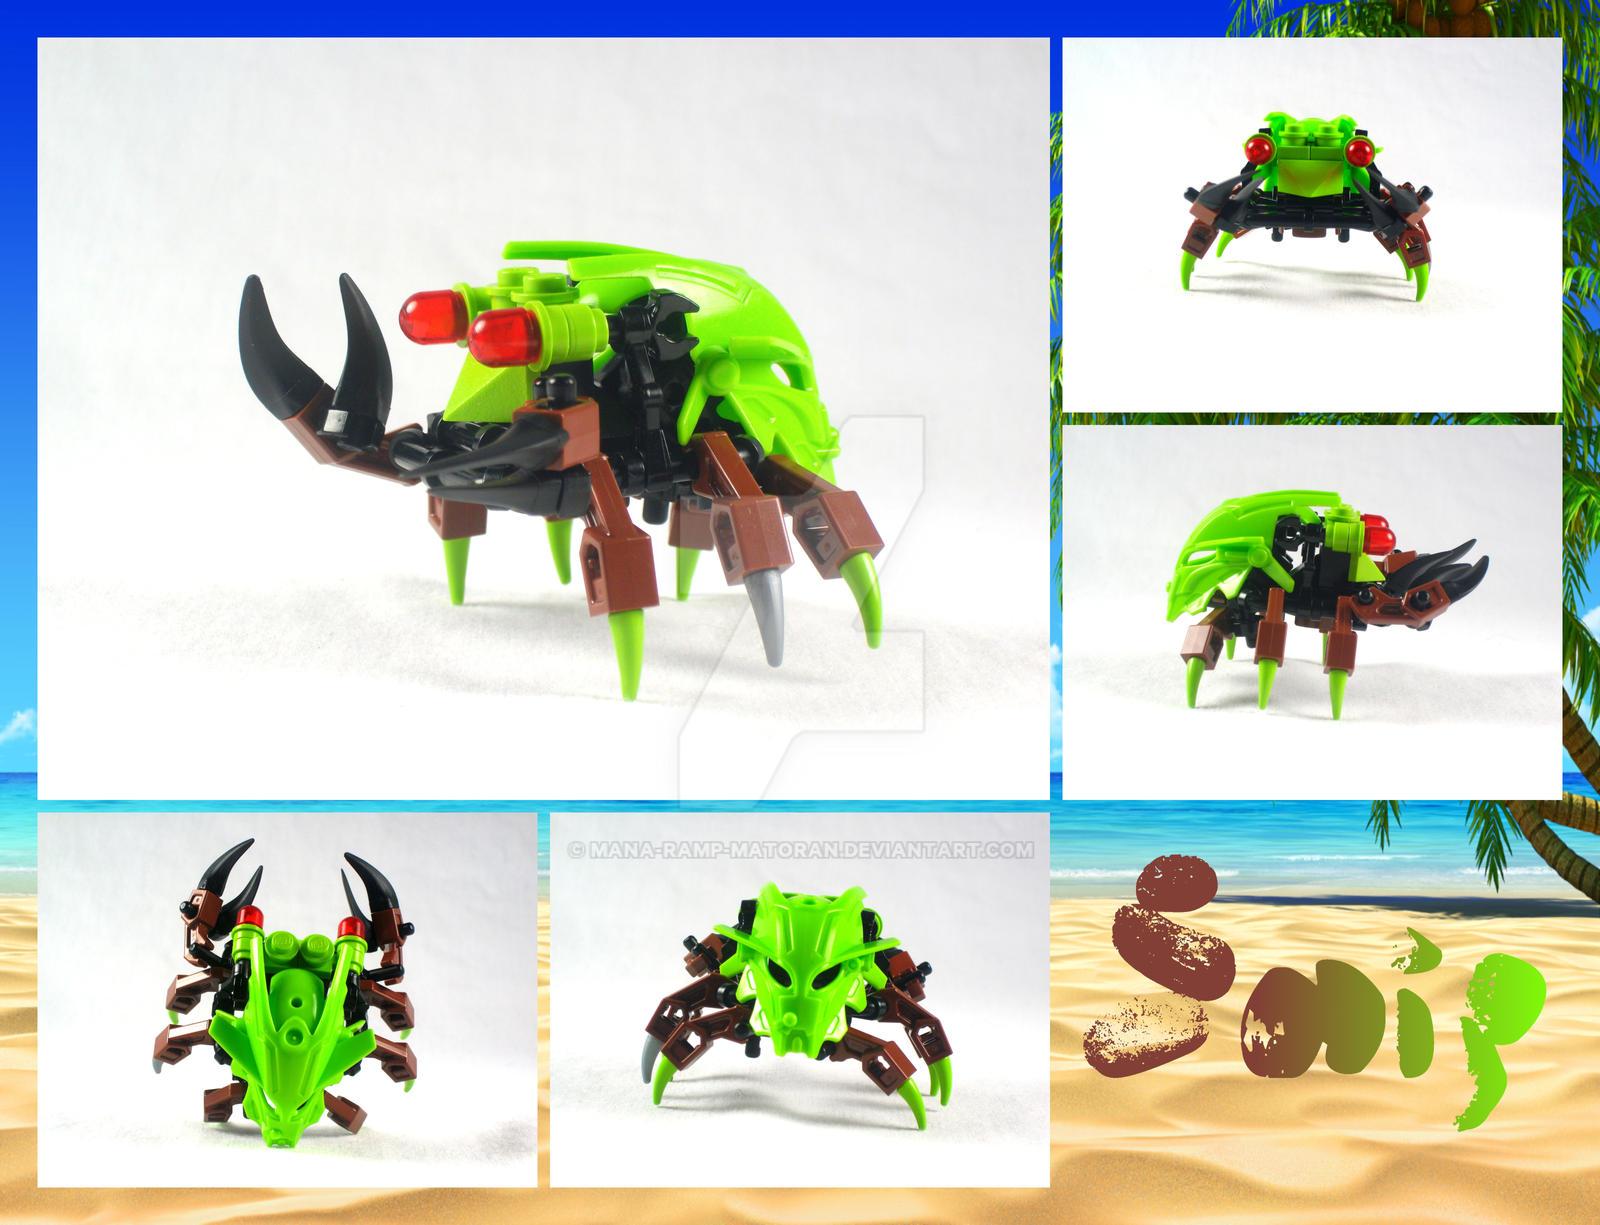 Bionicle MOC: Snip by 3rdeye88